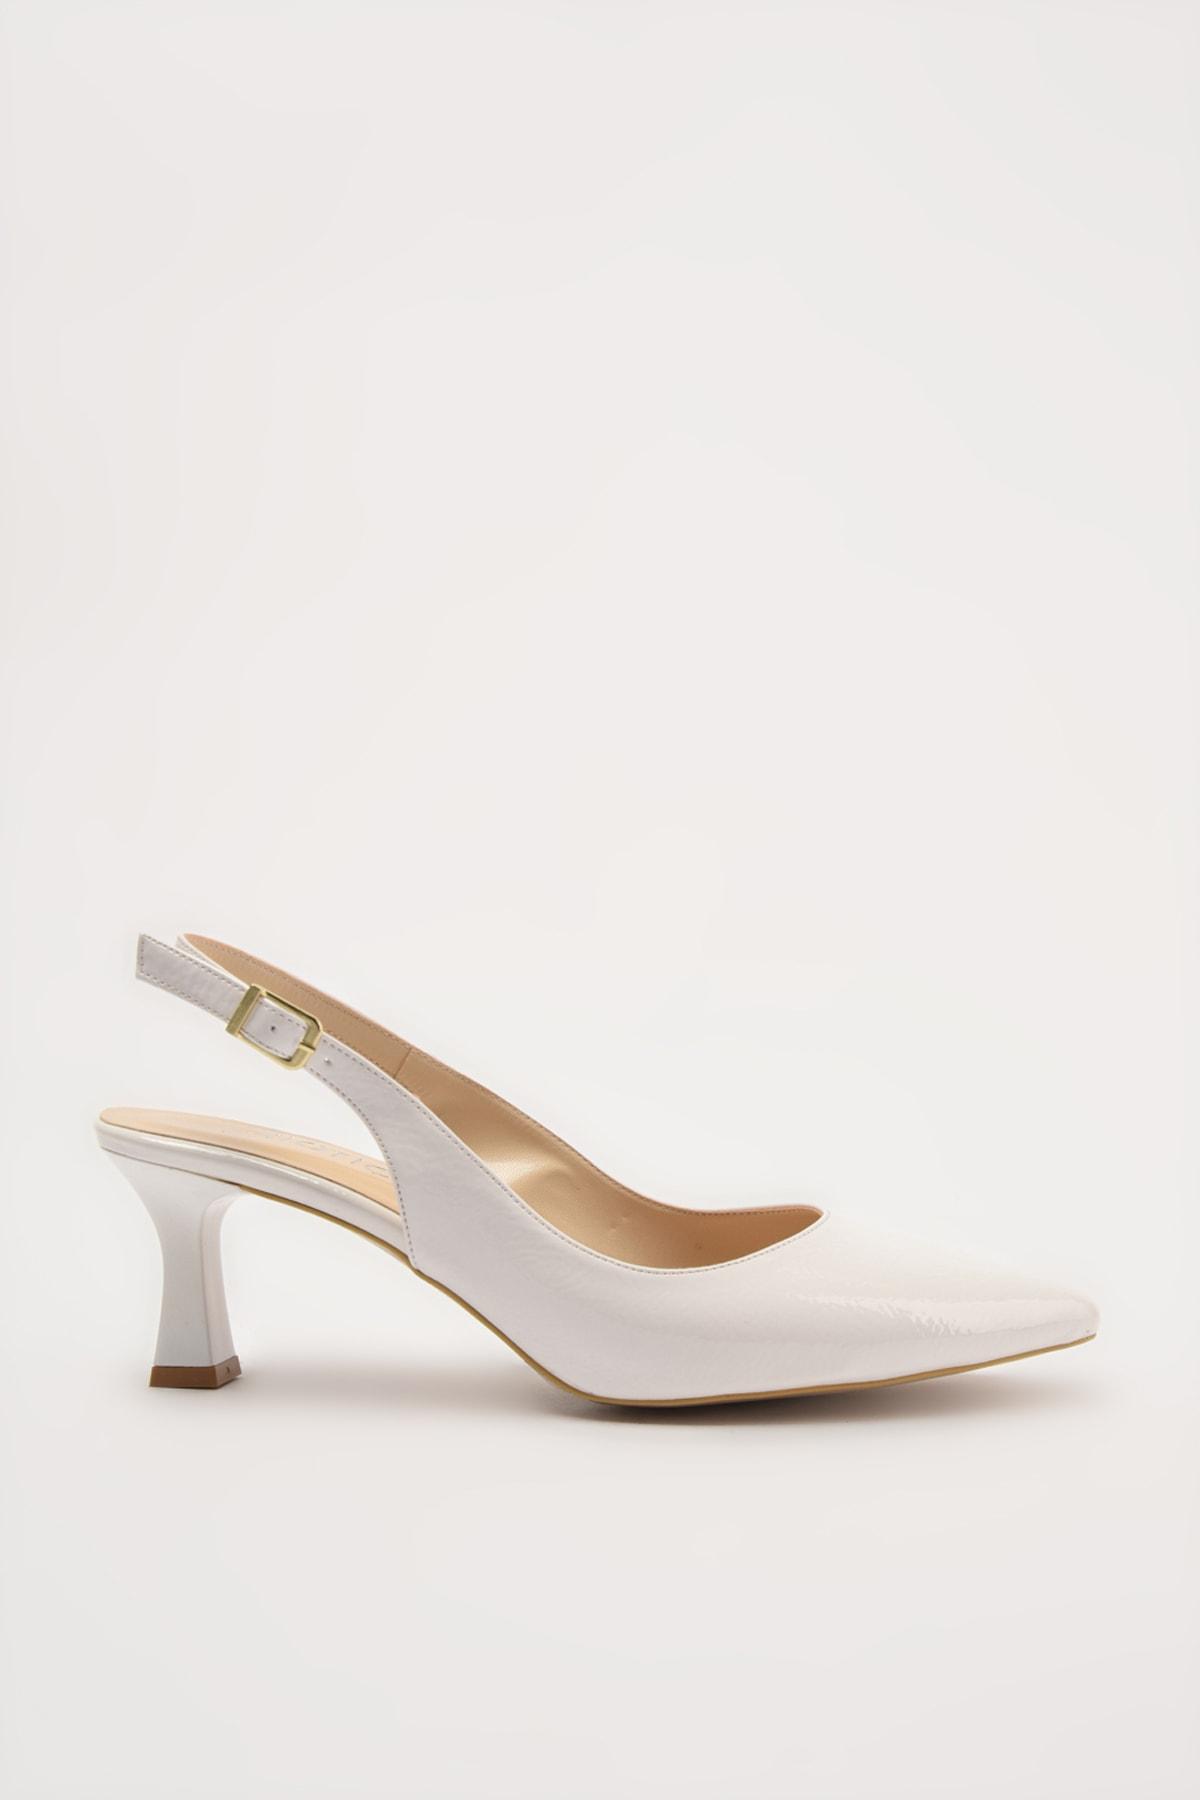 Hotiç Beyaz Kadın Klasik Topuklu Ayakkabı 01AYH214440A900 1